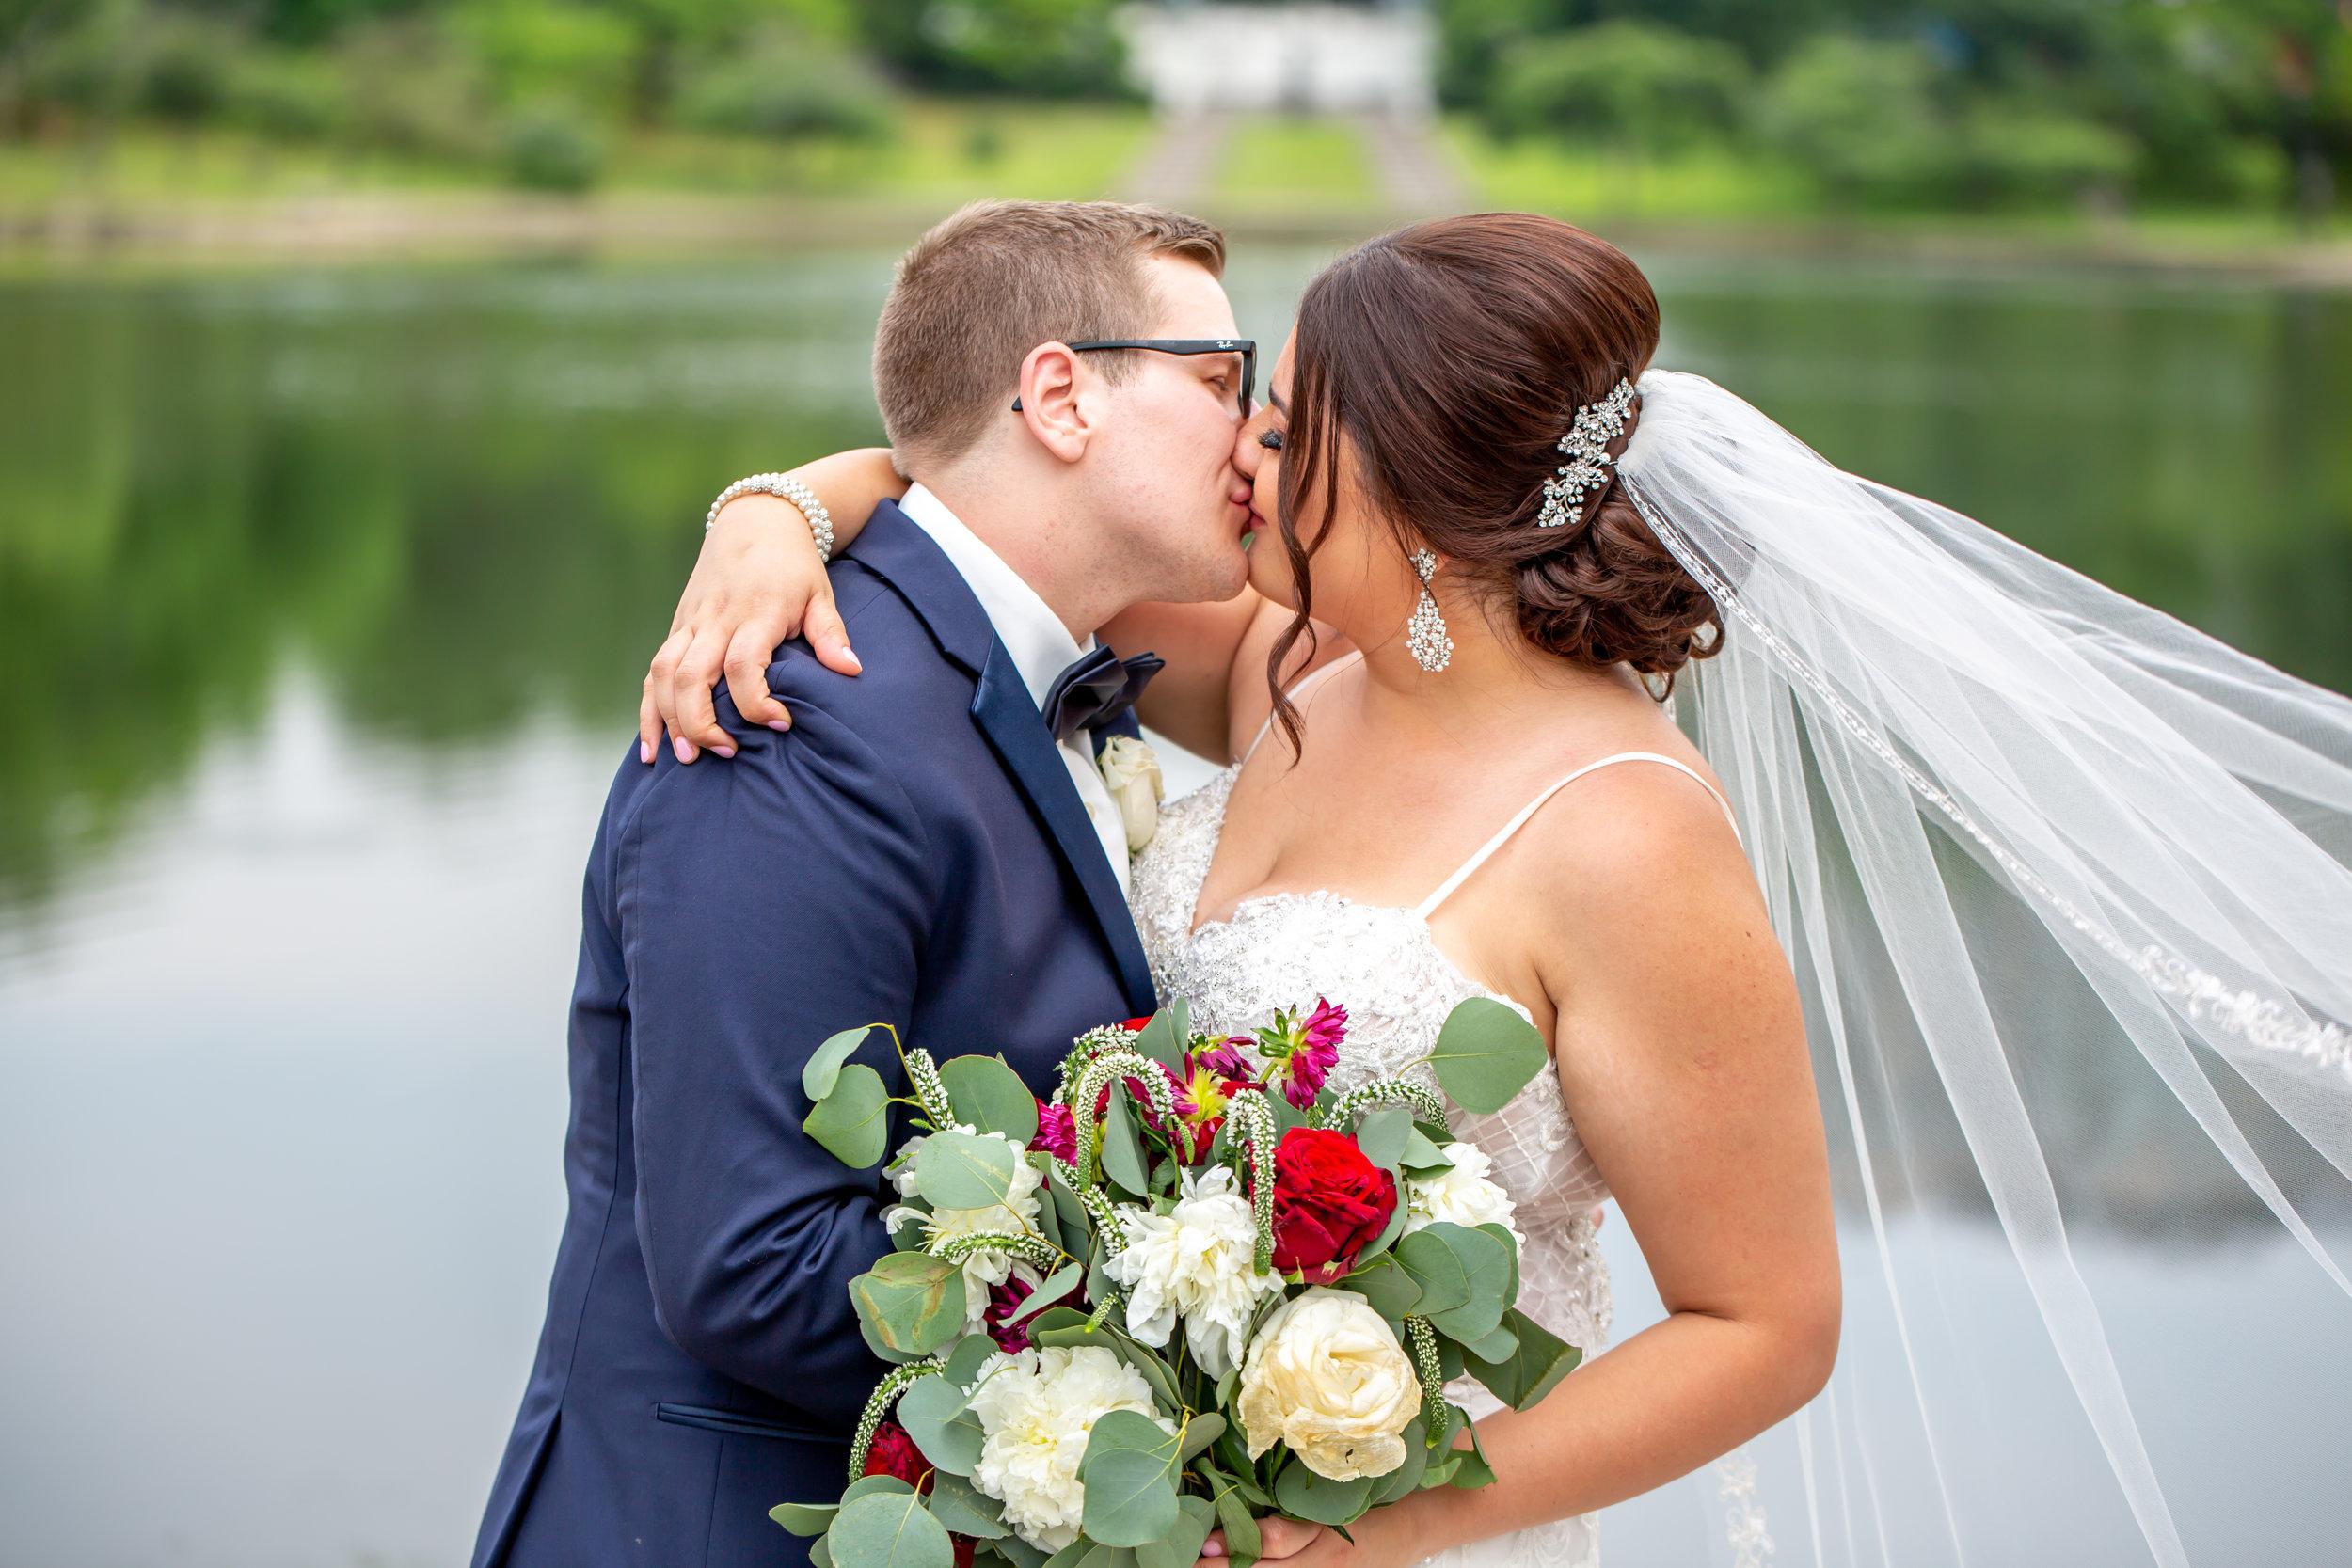 Hannah Cessna Photography - Wedding Photographer Akron Cleveland Ohio wedding photo